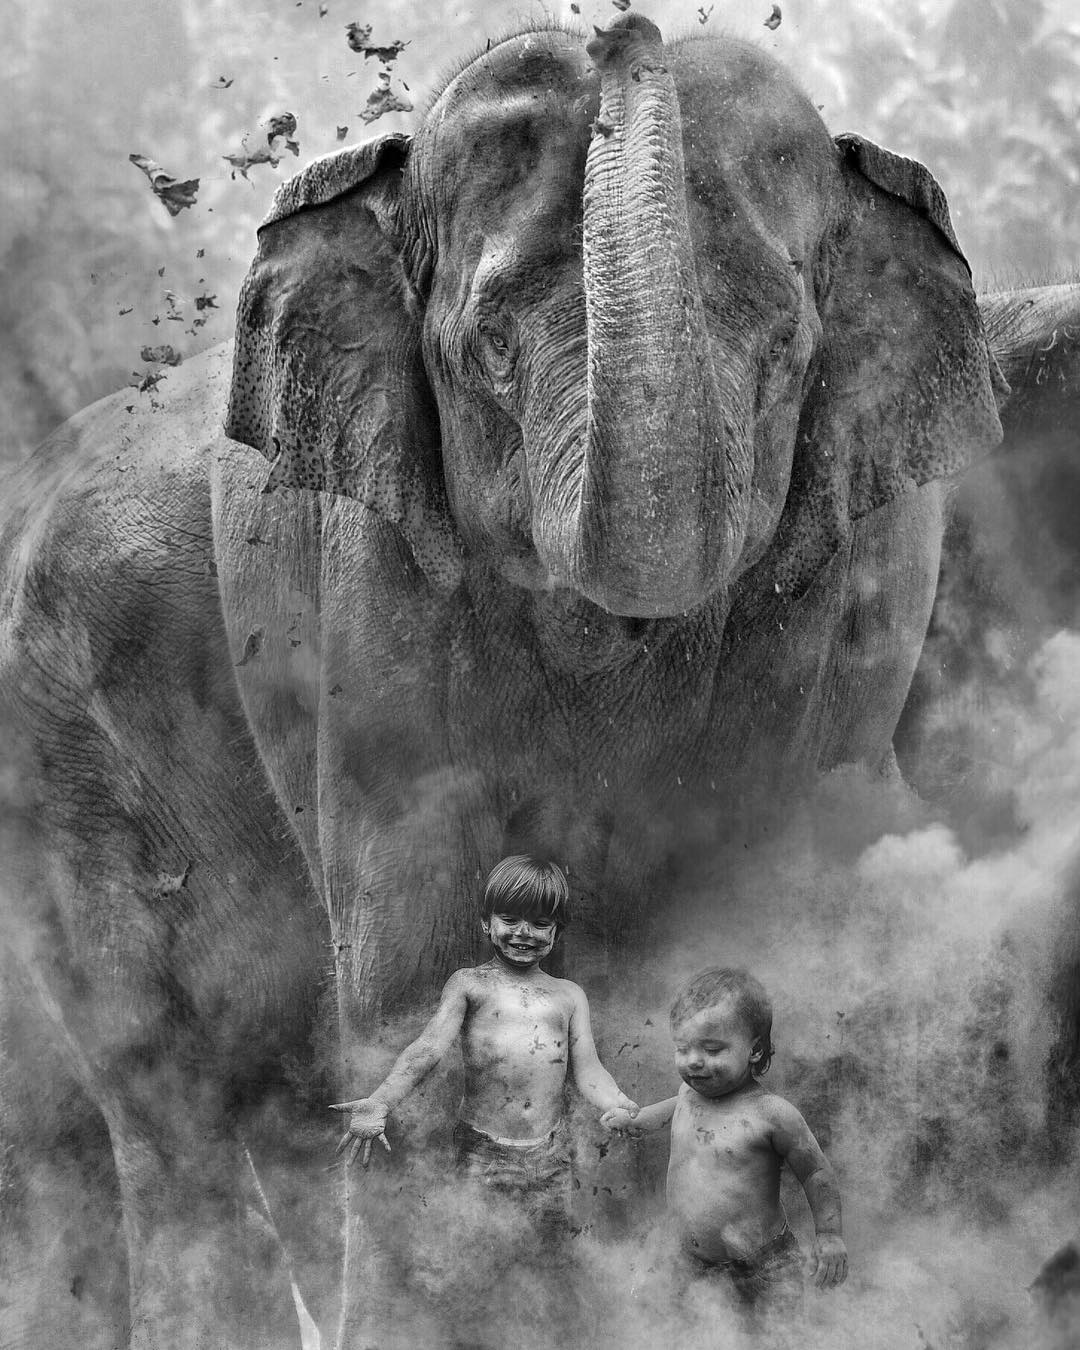 Мир сказок и фантазий для детей от Марселя ван Льюита